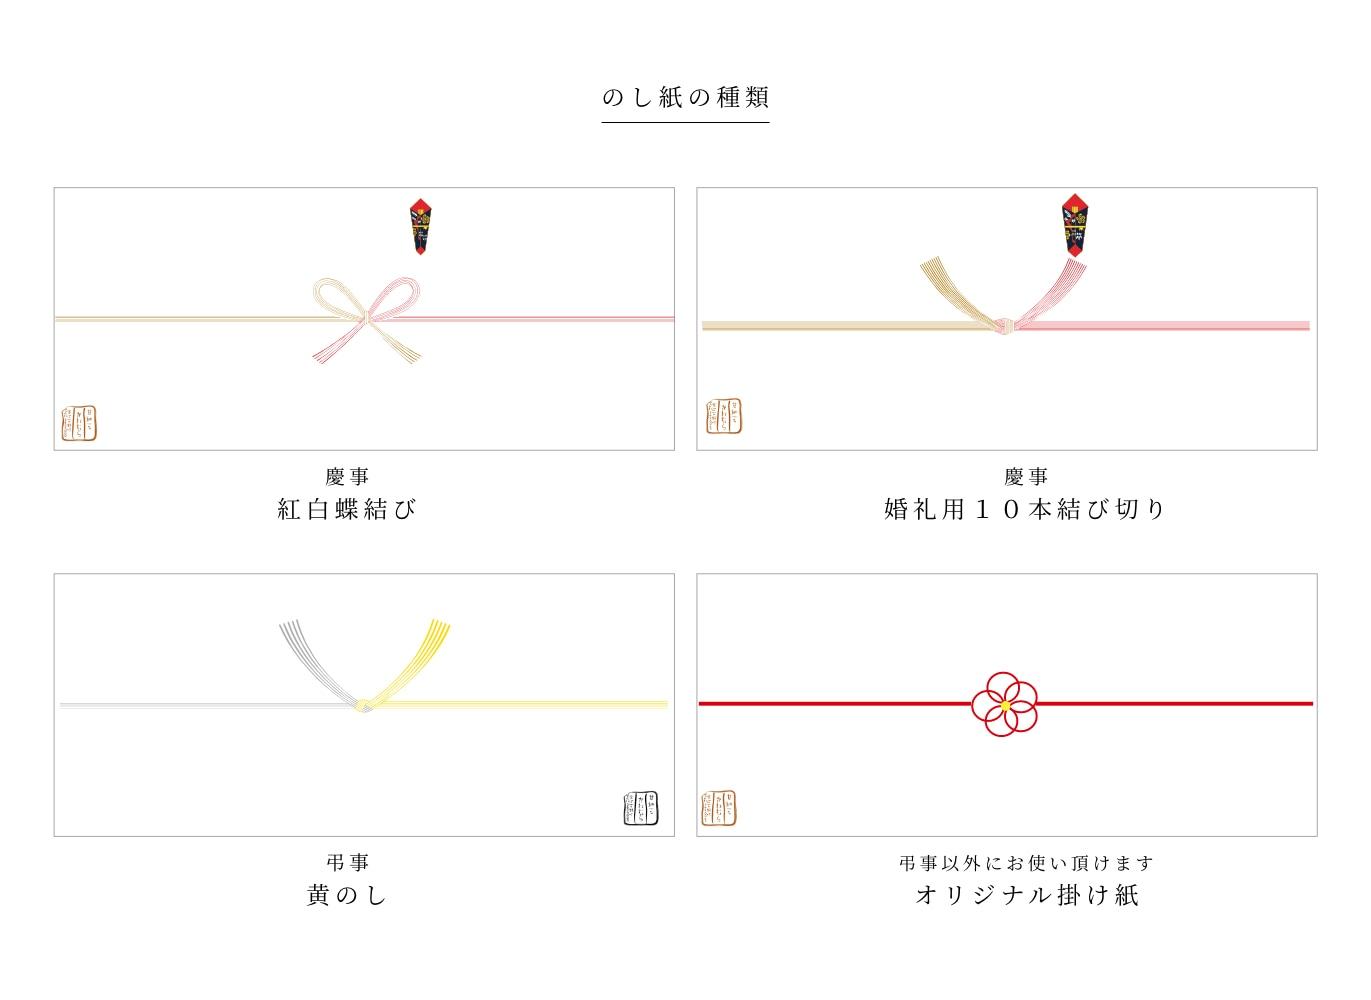 のしの種類の画像(紅白蝶結び、婚礼用10本結び切り、黄のし、オリジナル掛け紙)